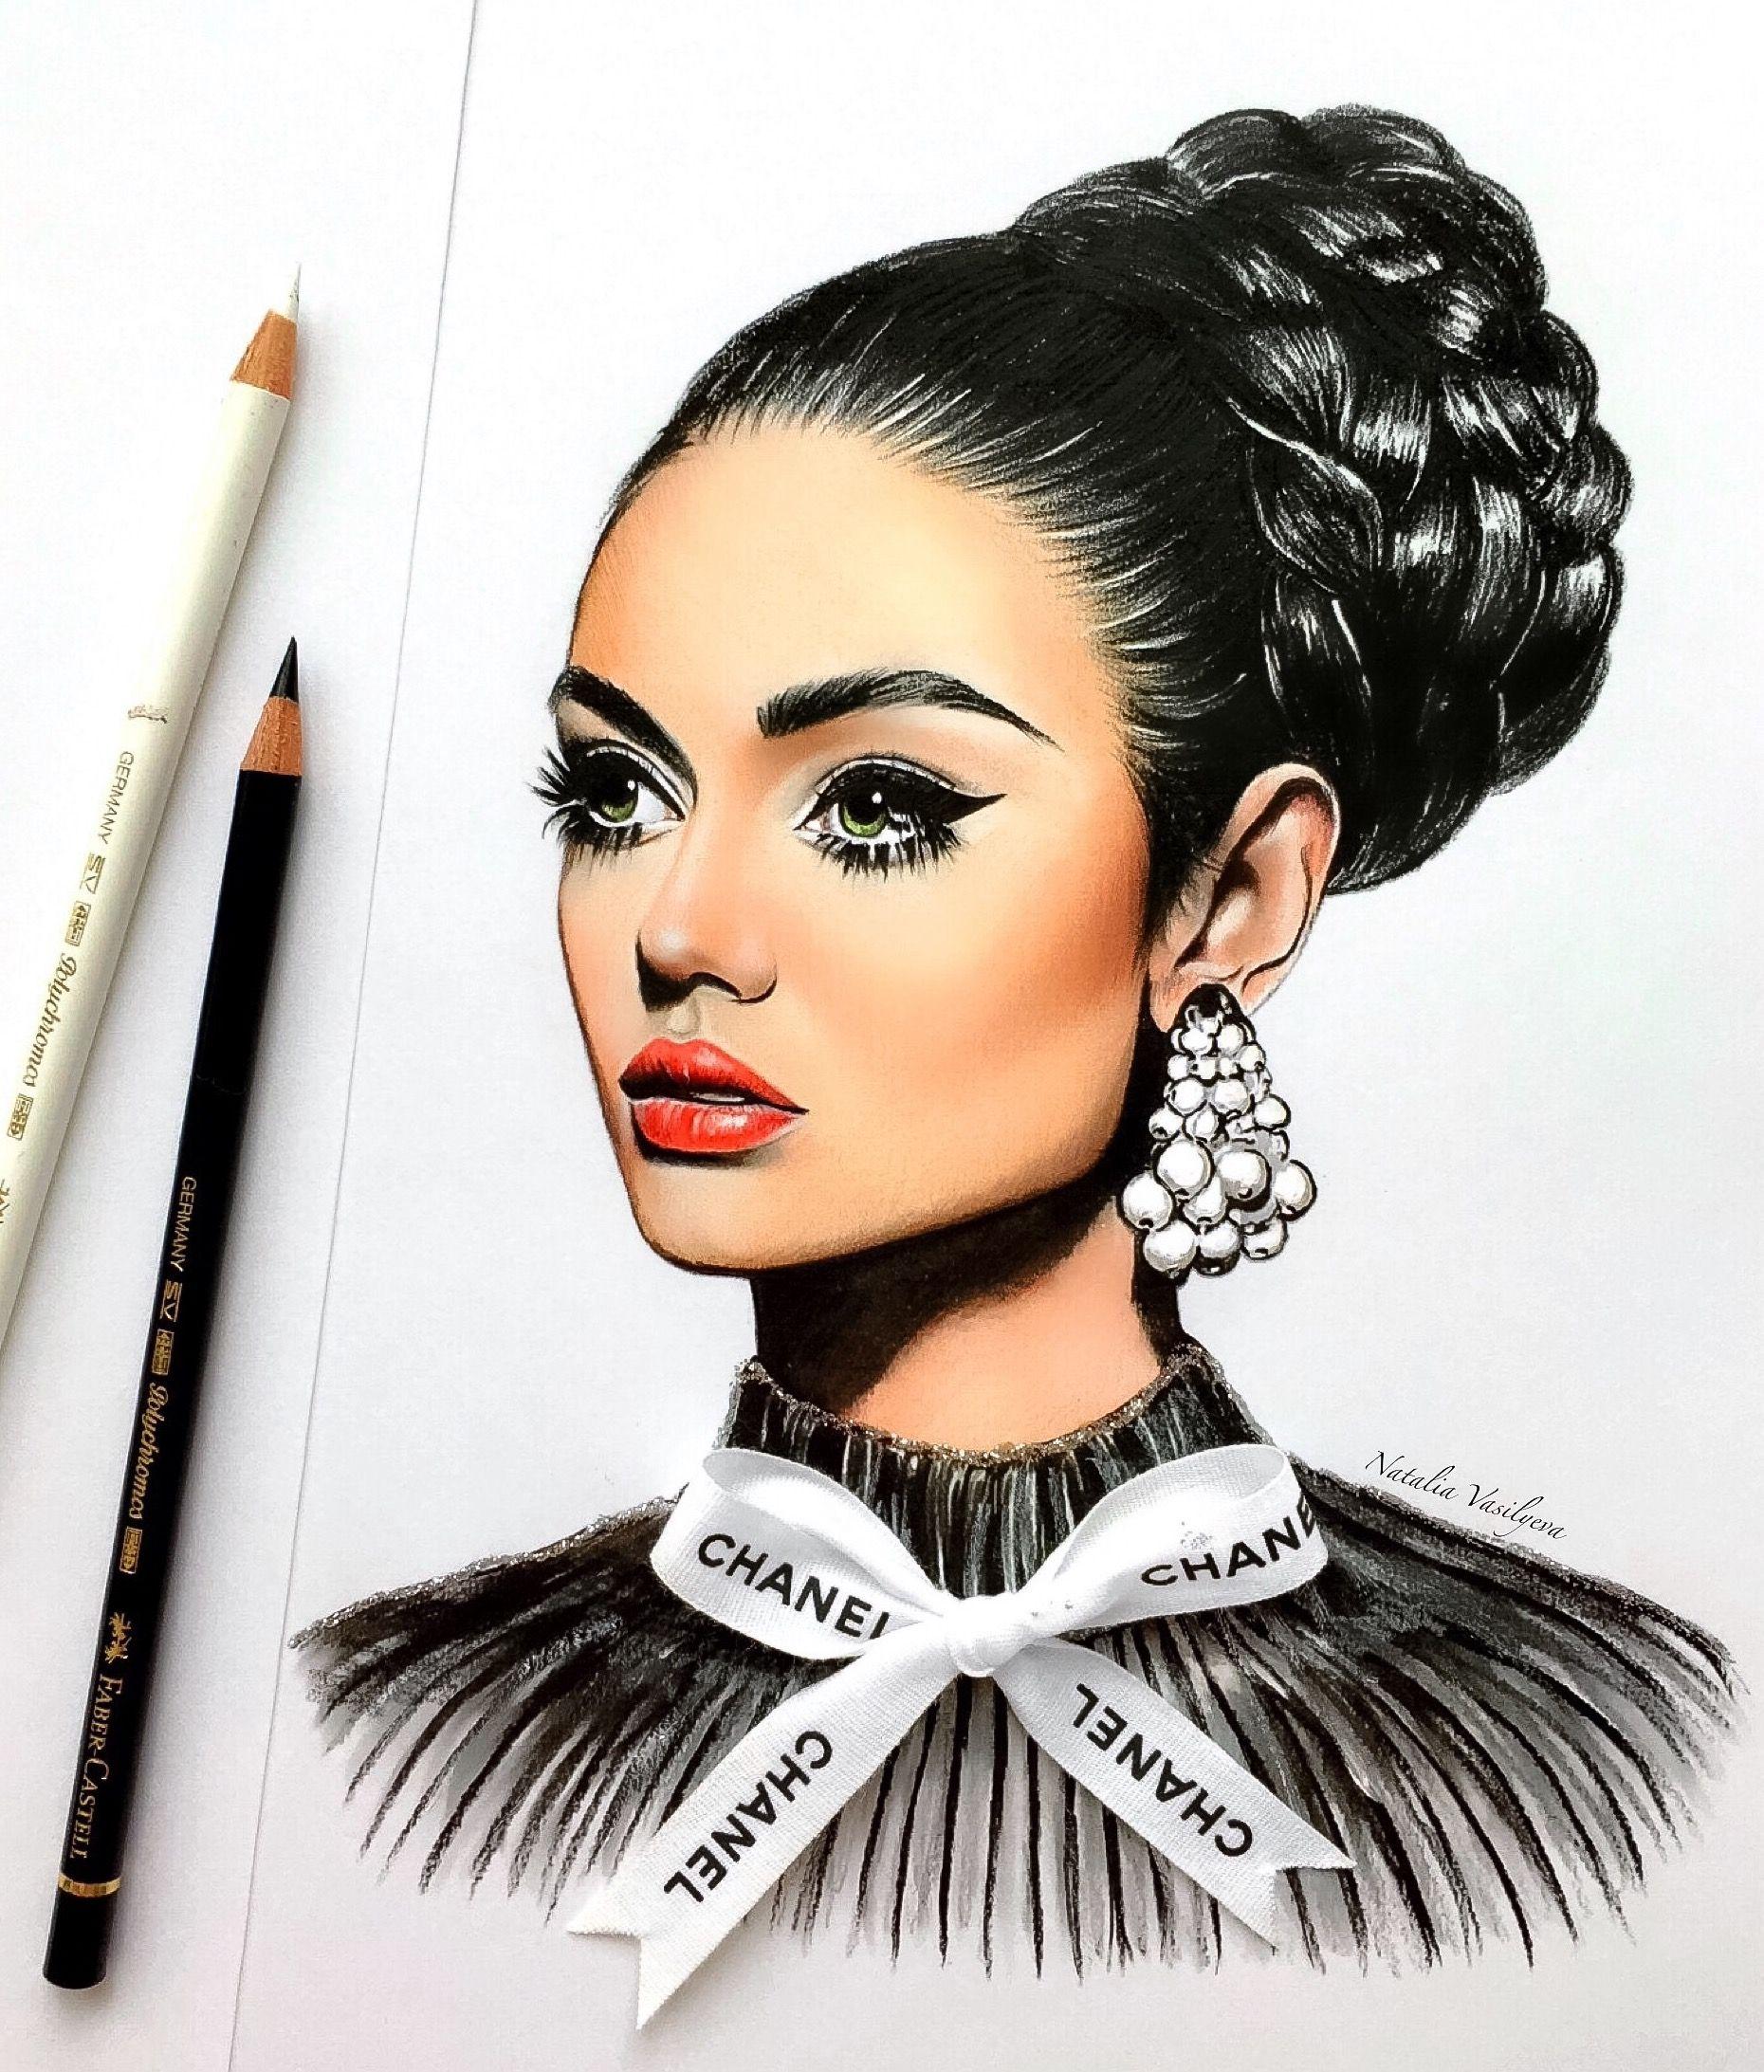 Natalia Vasilyeva   Girls draw   Pinterest   Dibujo, Lápiz y Rostros